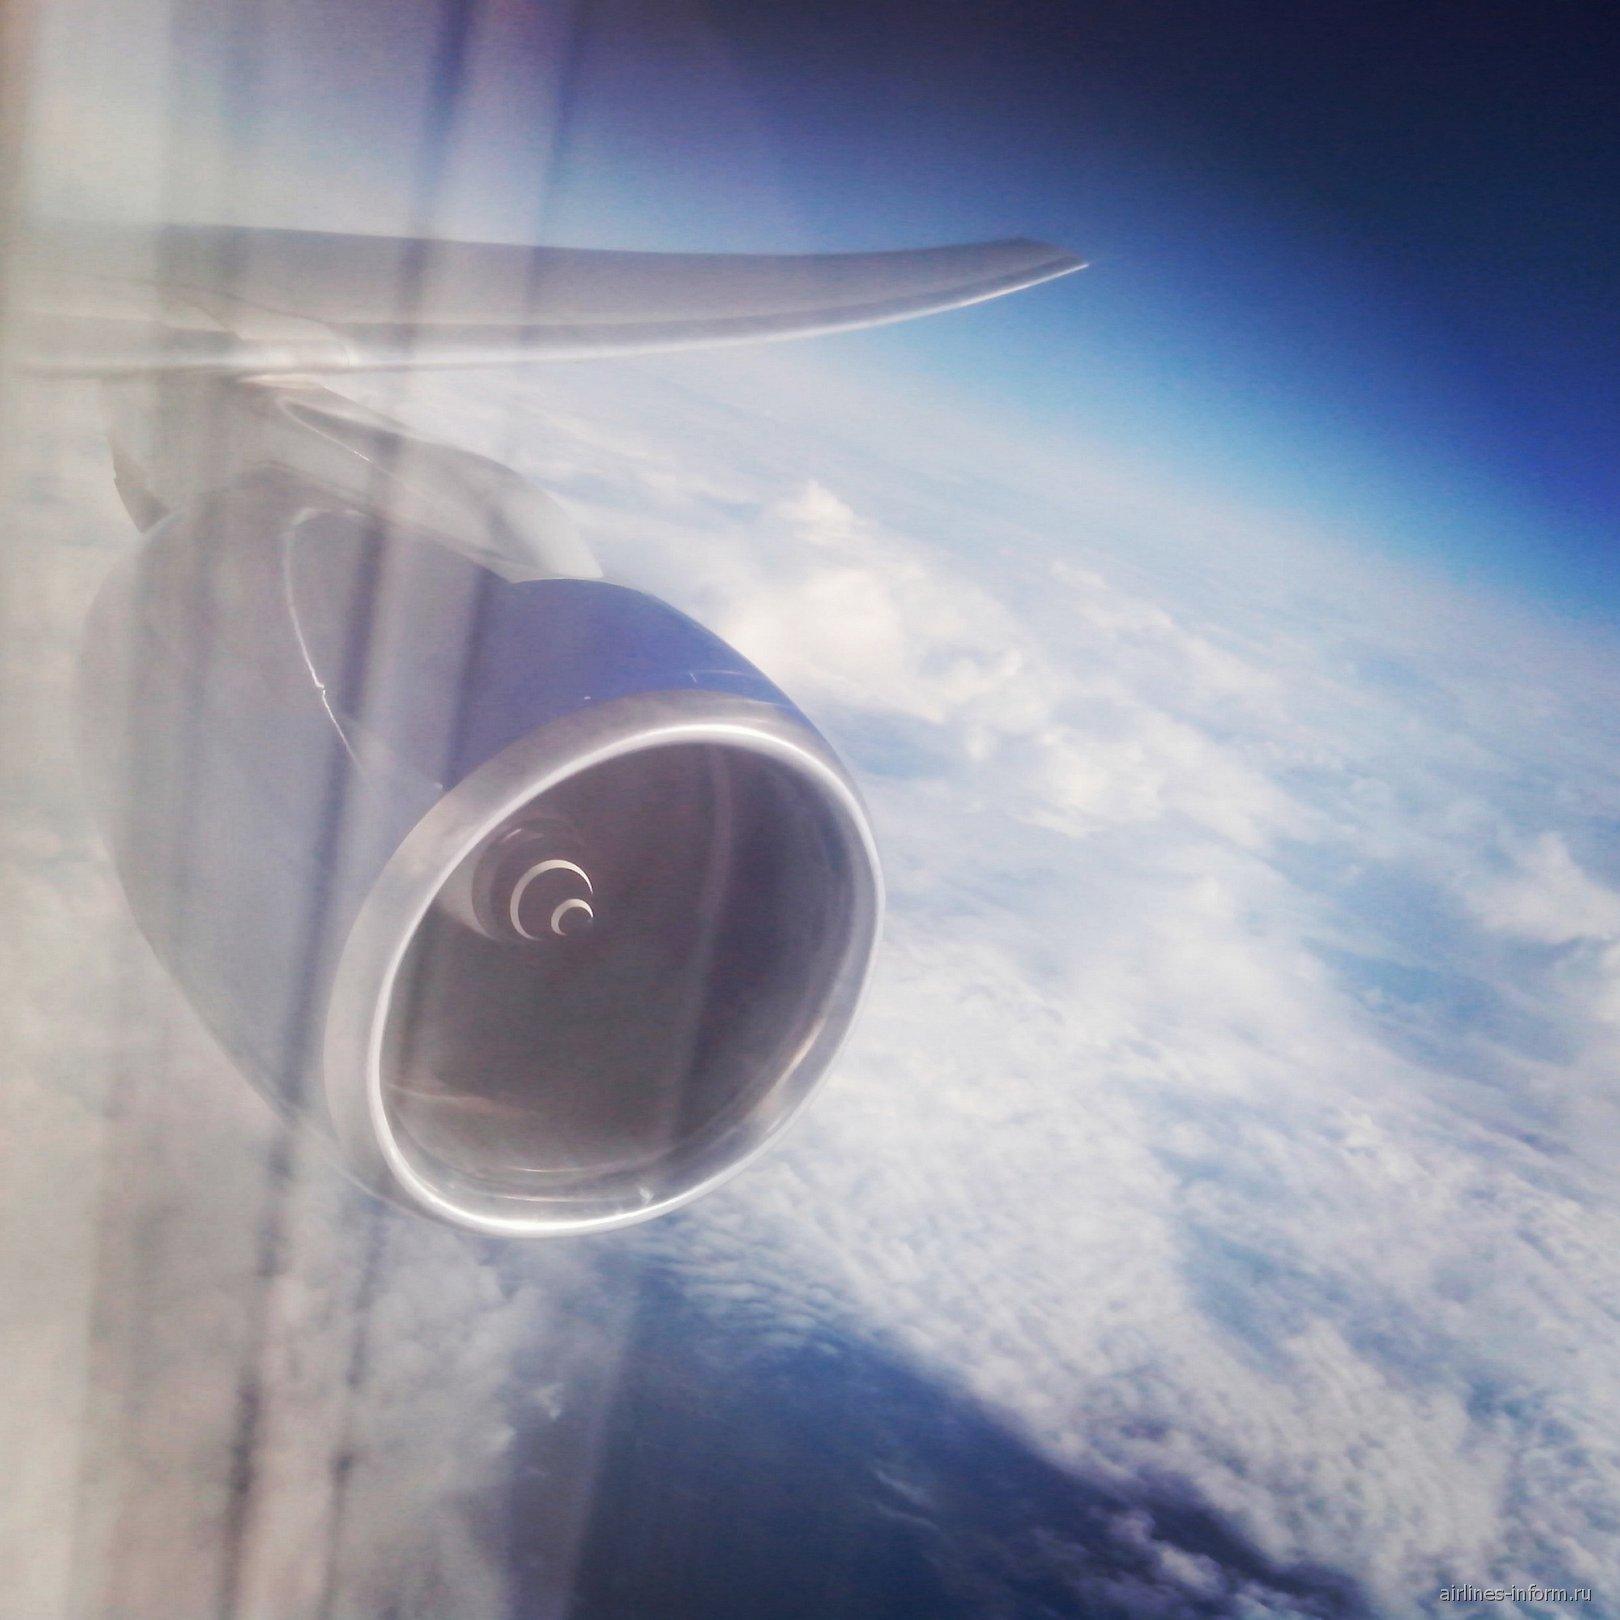 Последний полёт с Трансаэро. Владивосток (VVO) - Москва (DME) на Boeing 777-300 EI-UNL